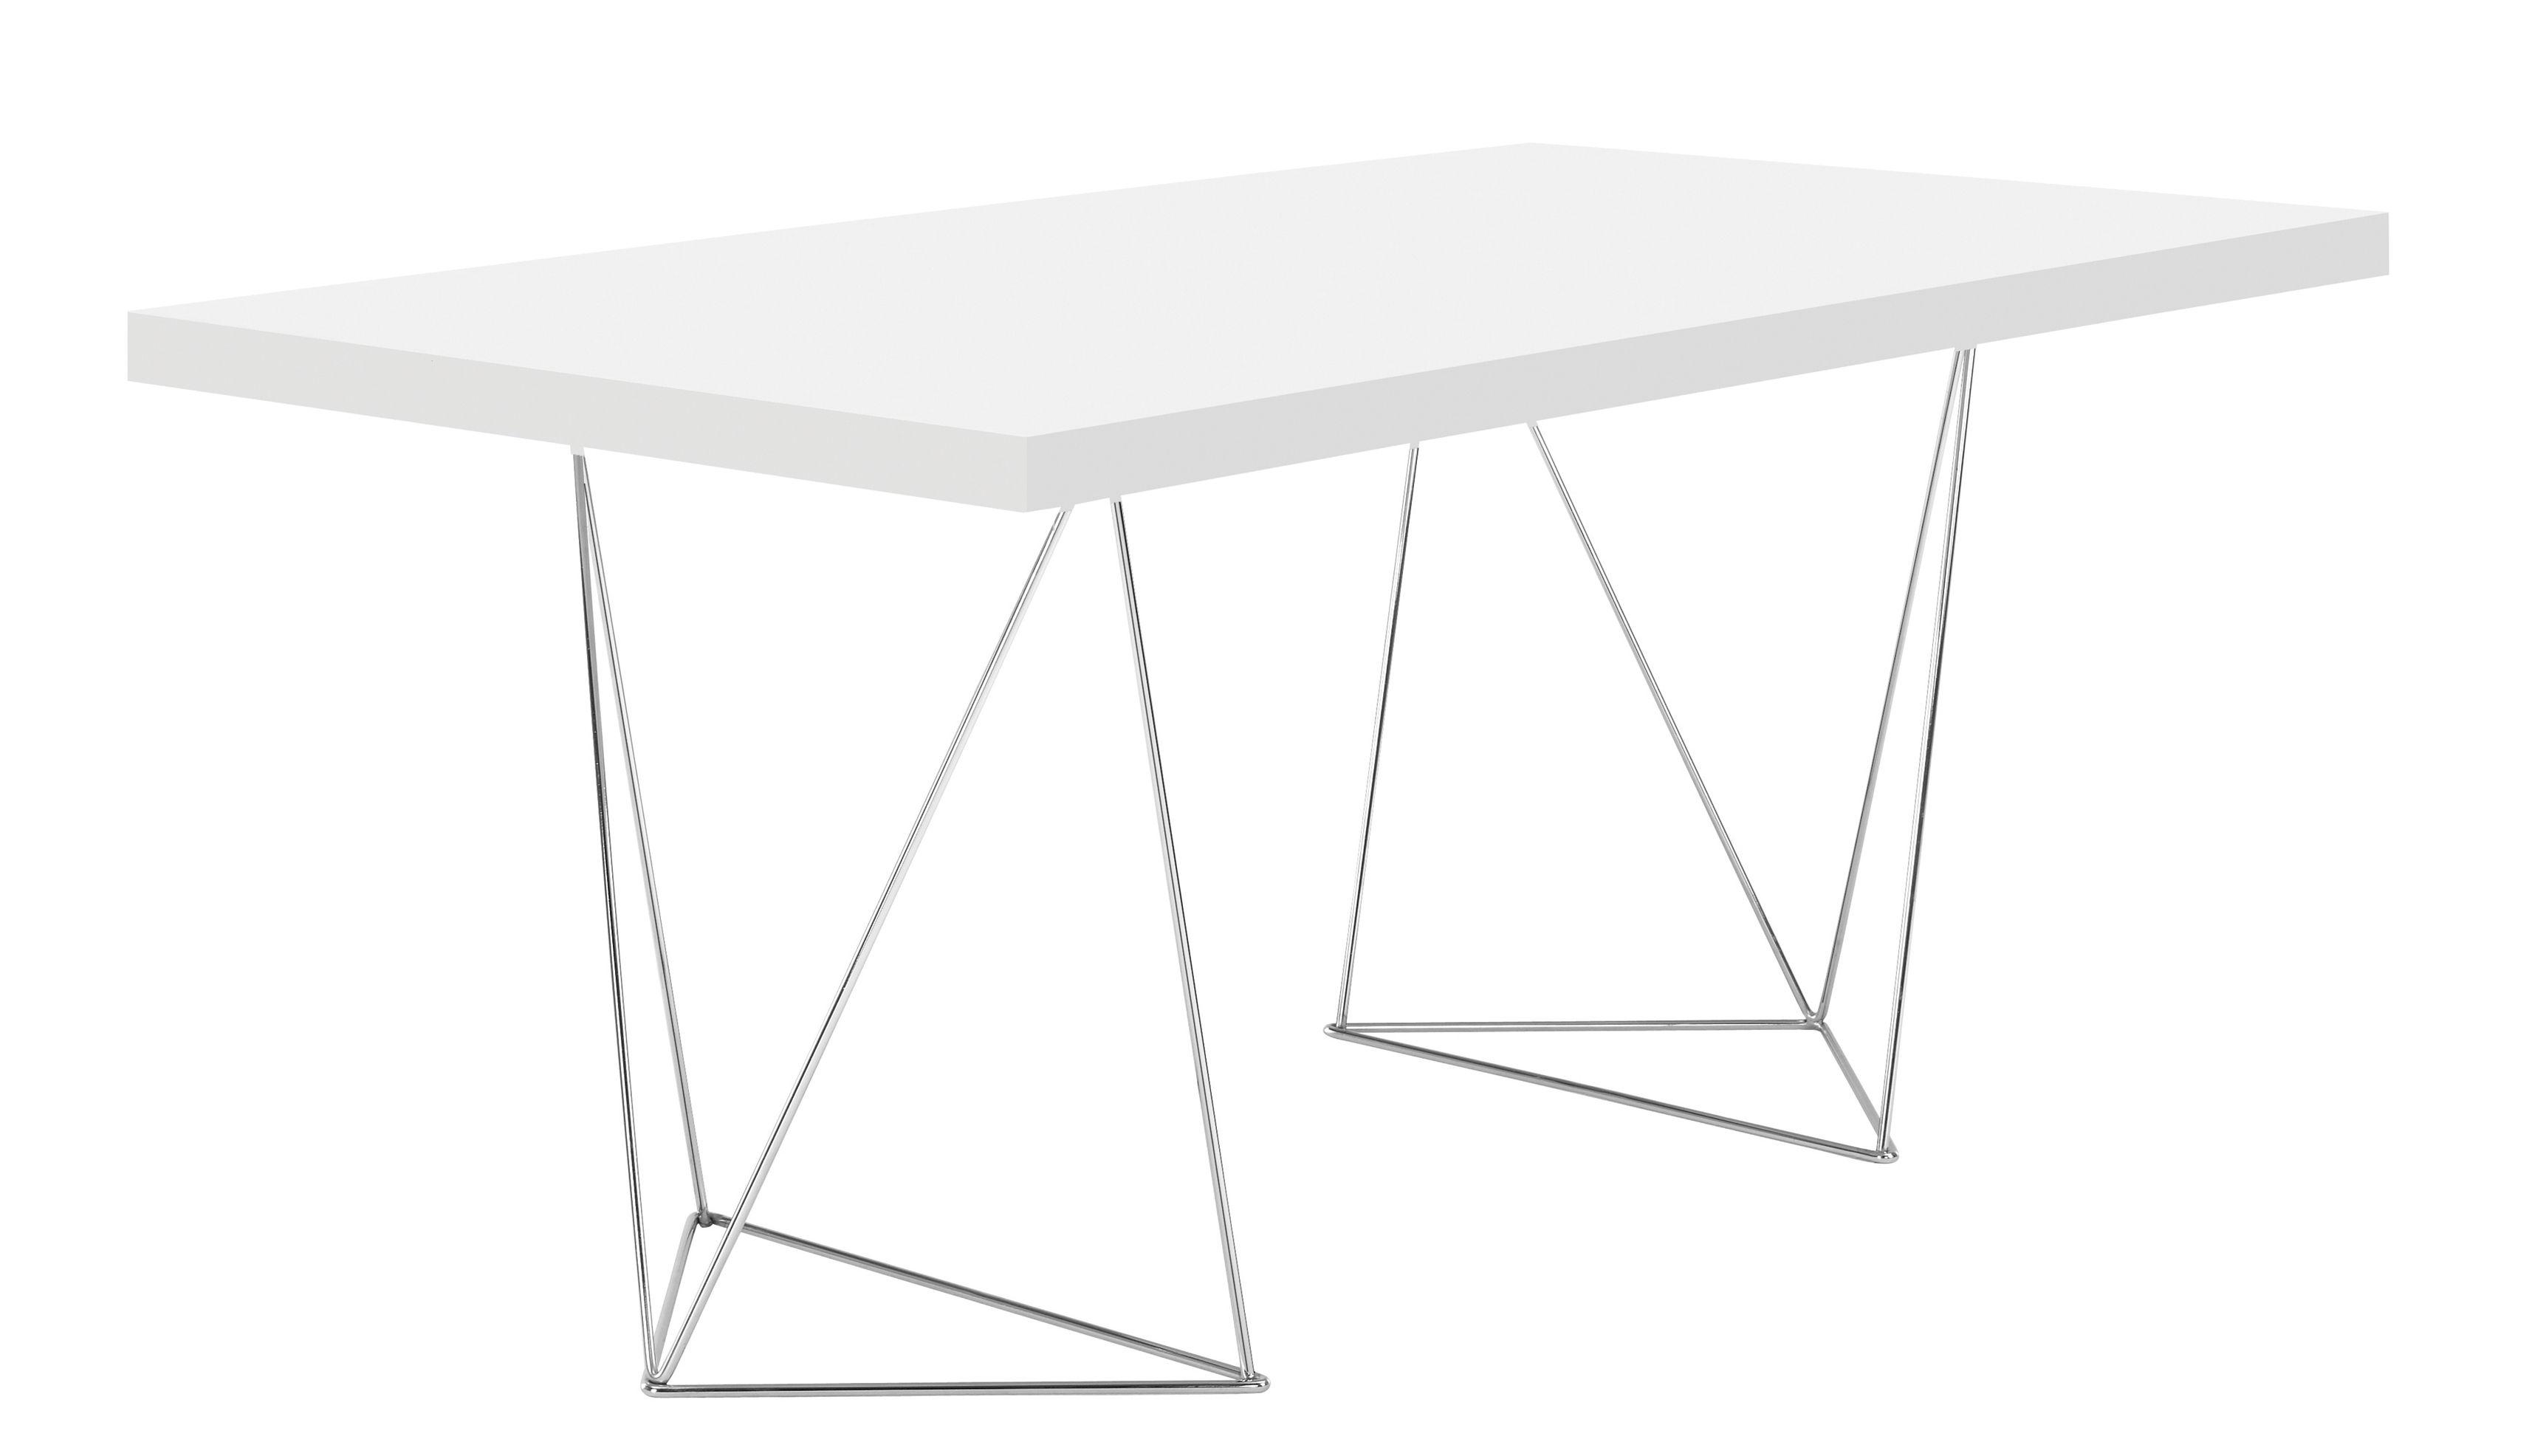 Mobilier - Bureaux - Table rectangulaire Trestle / L 180 cm - POP UP HOME - Blanc / Pied chromé - Métal, Panneaux alvéolaires